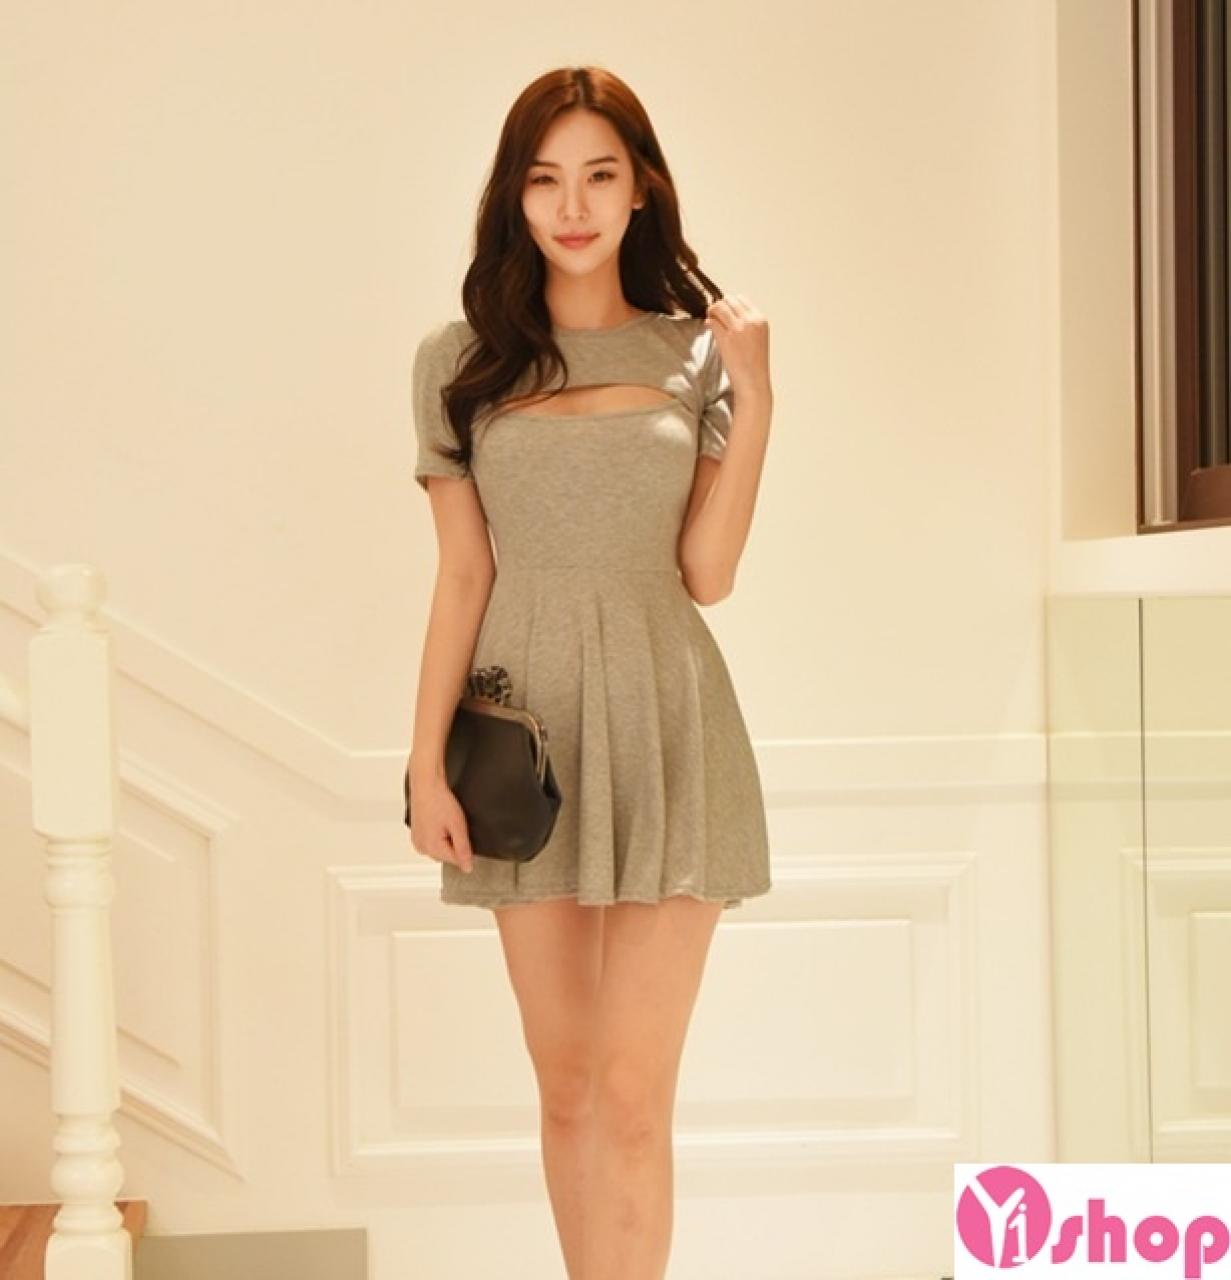 Váy đầm xòe Hàn Quốc đẹp hè 2021 - 2022 cho nàng nhỏ nhắn dễ thương